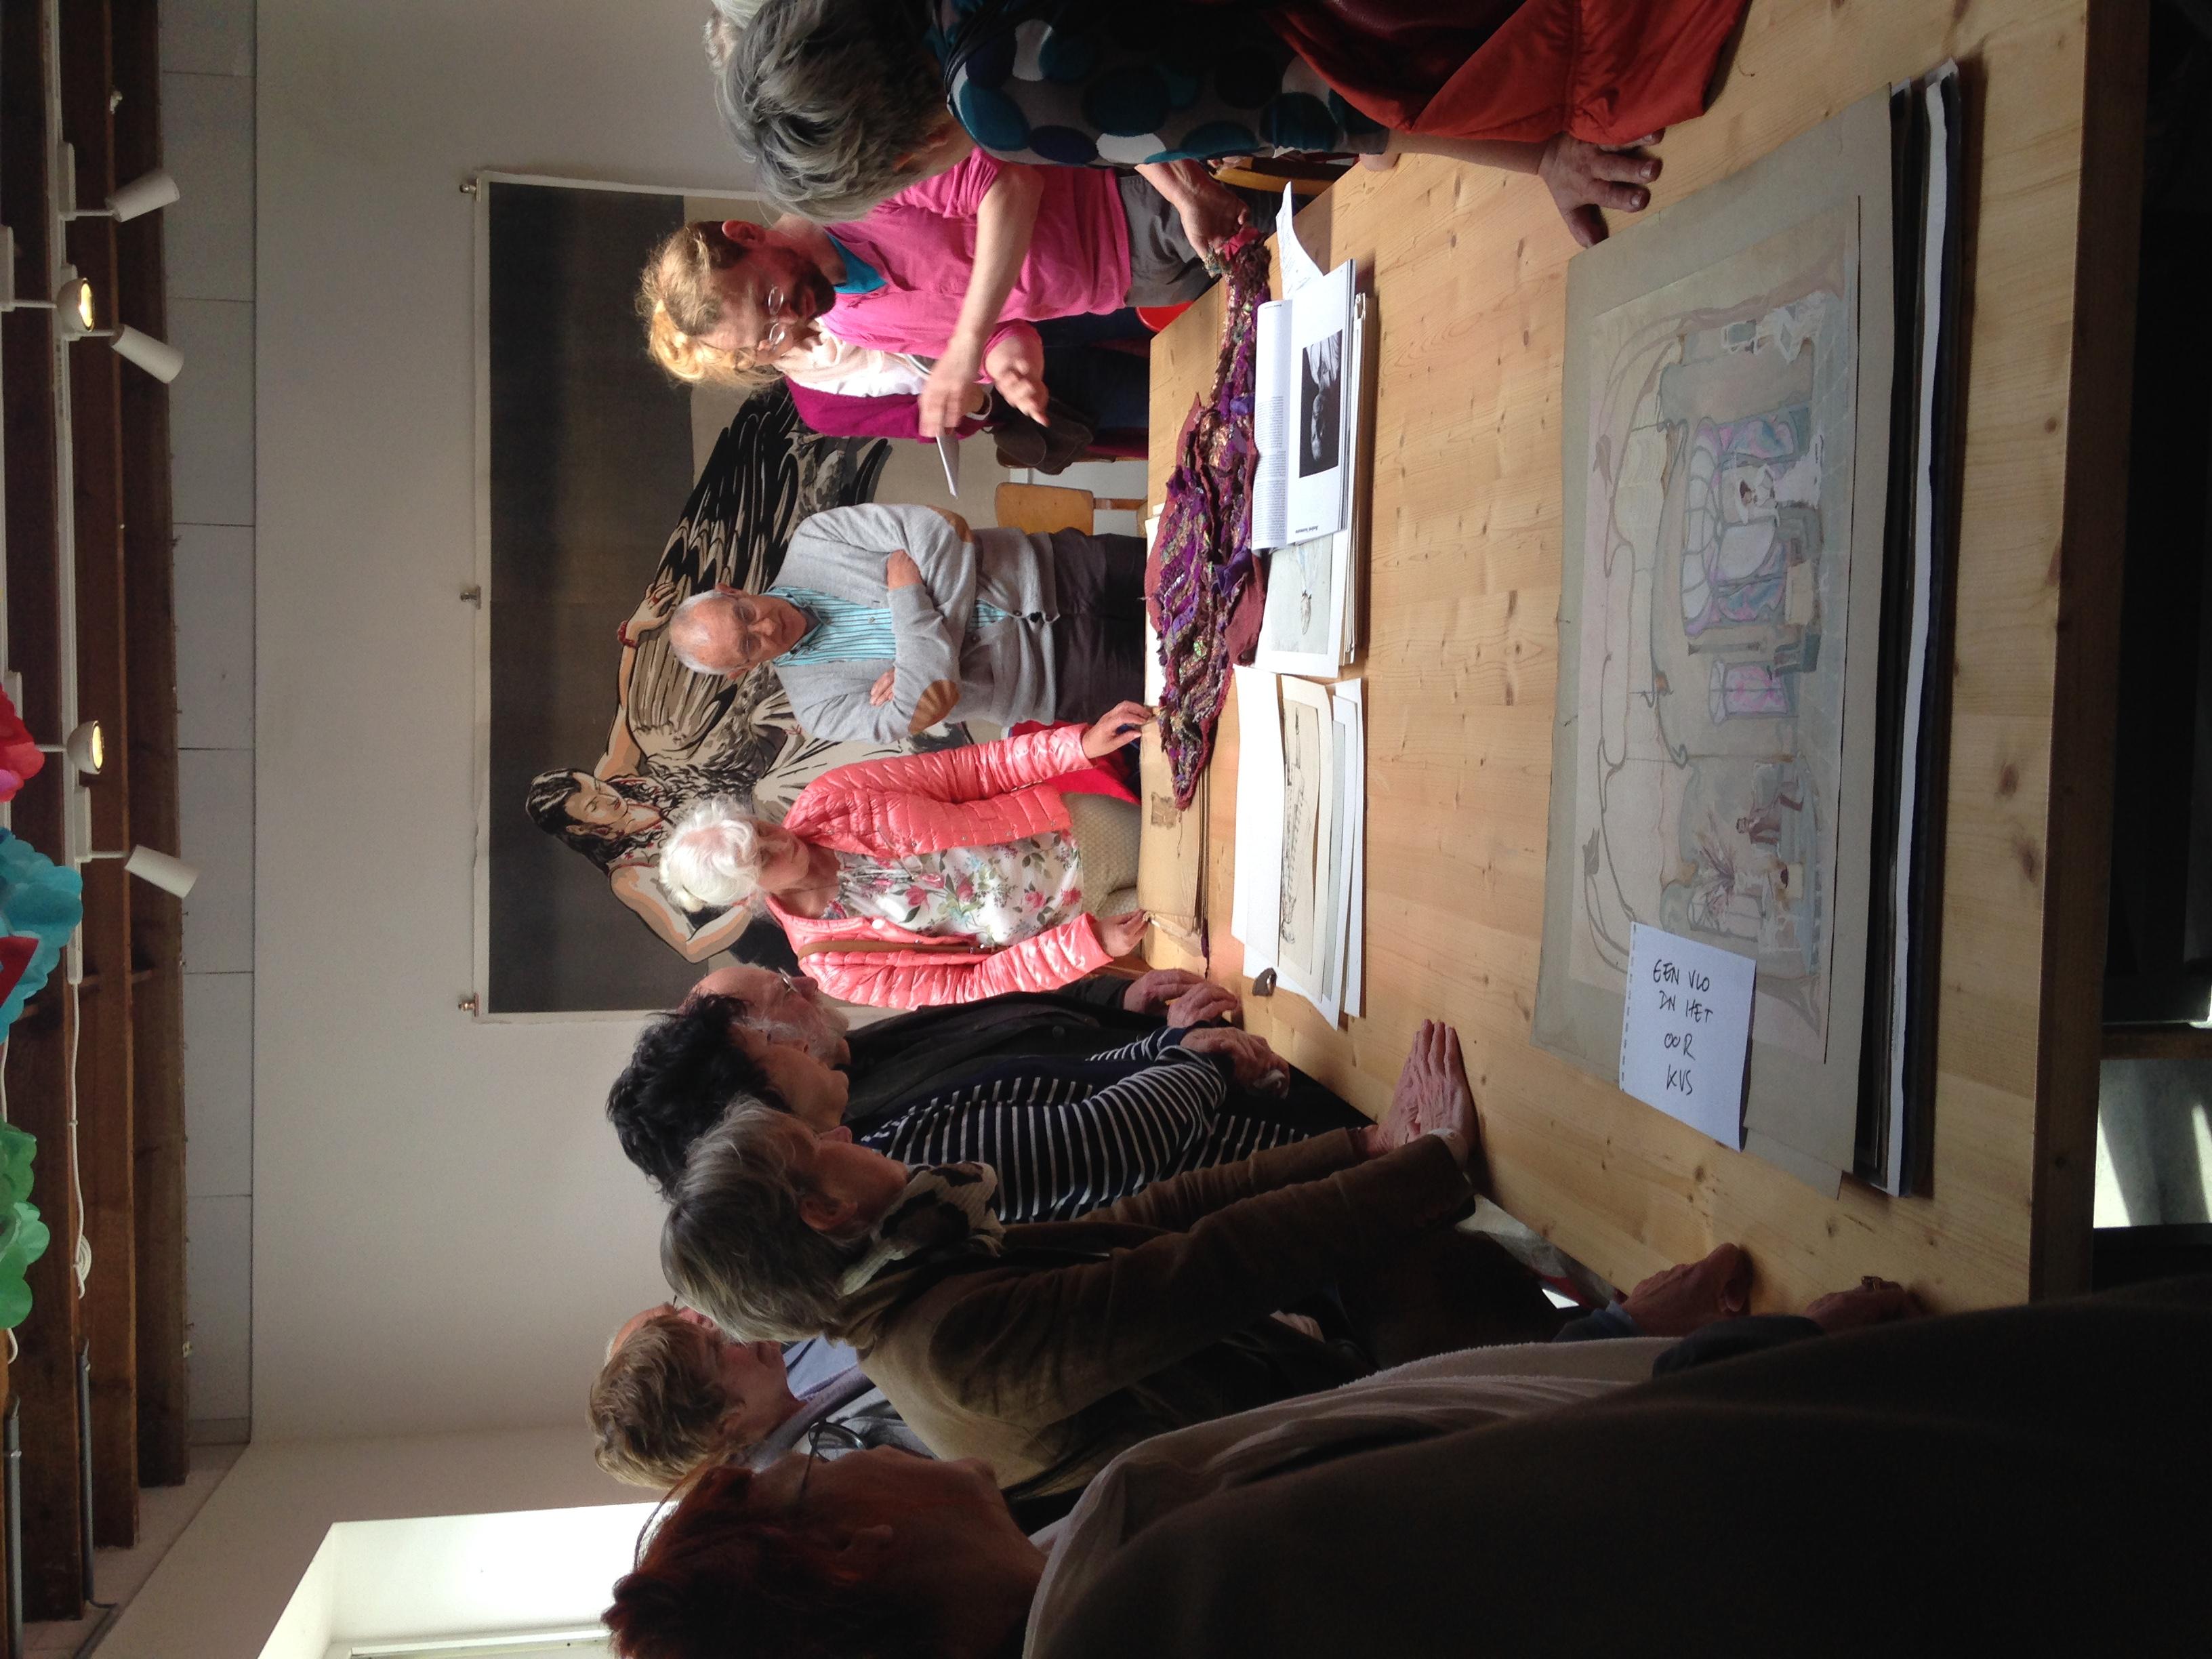 In het voorjaar van 2015 vinden er atelierbezoeken plaats bij vijf kunstenaars en één kunstenorganisatie. Tijdens het bezoek wordt er niet alleen dieper ingegaan op het werk, de aanpak en de visie van de kunstenaar, maar ook op het kunstenaarsarchief.